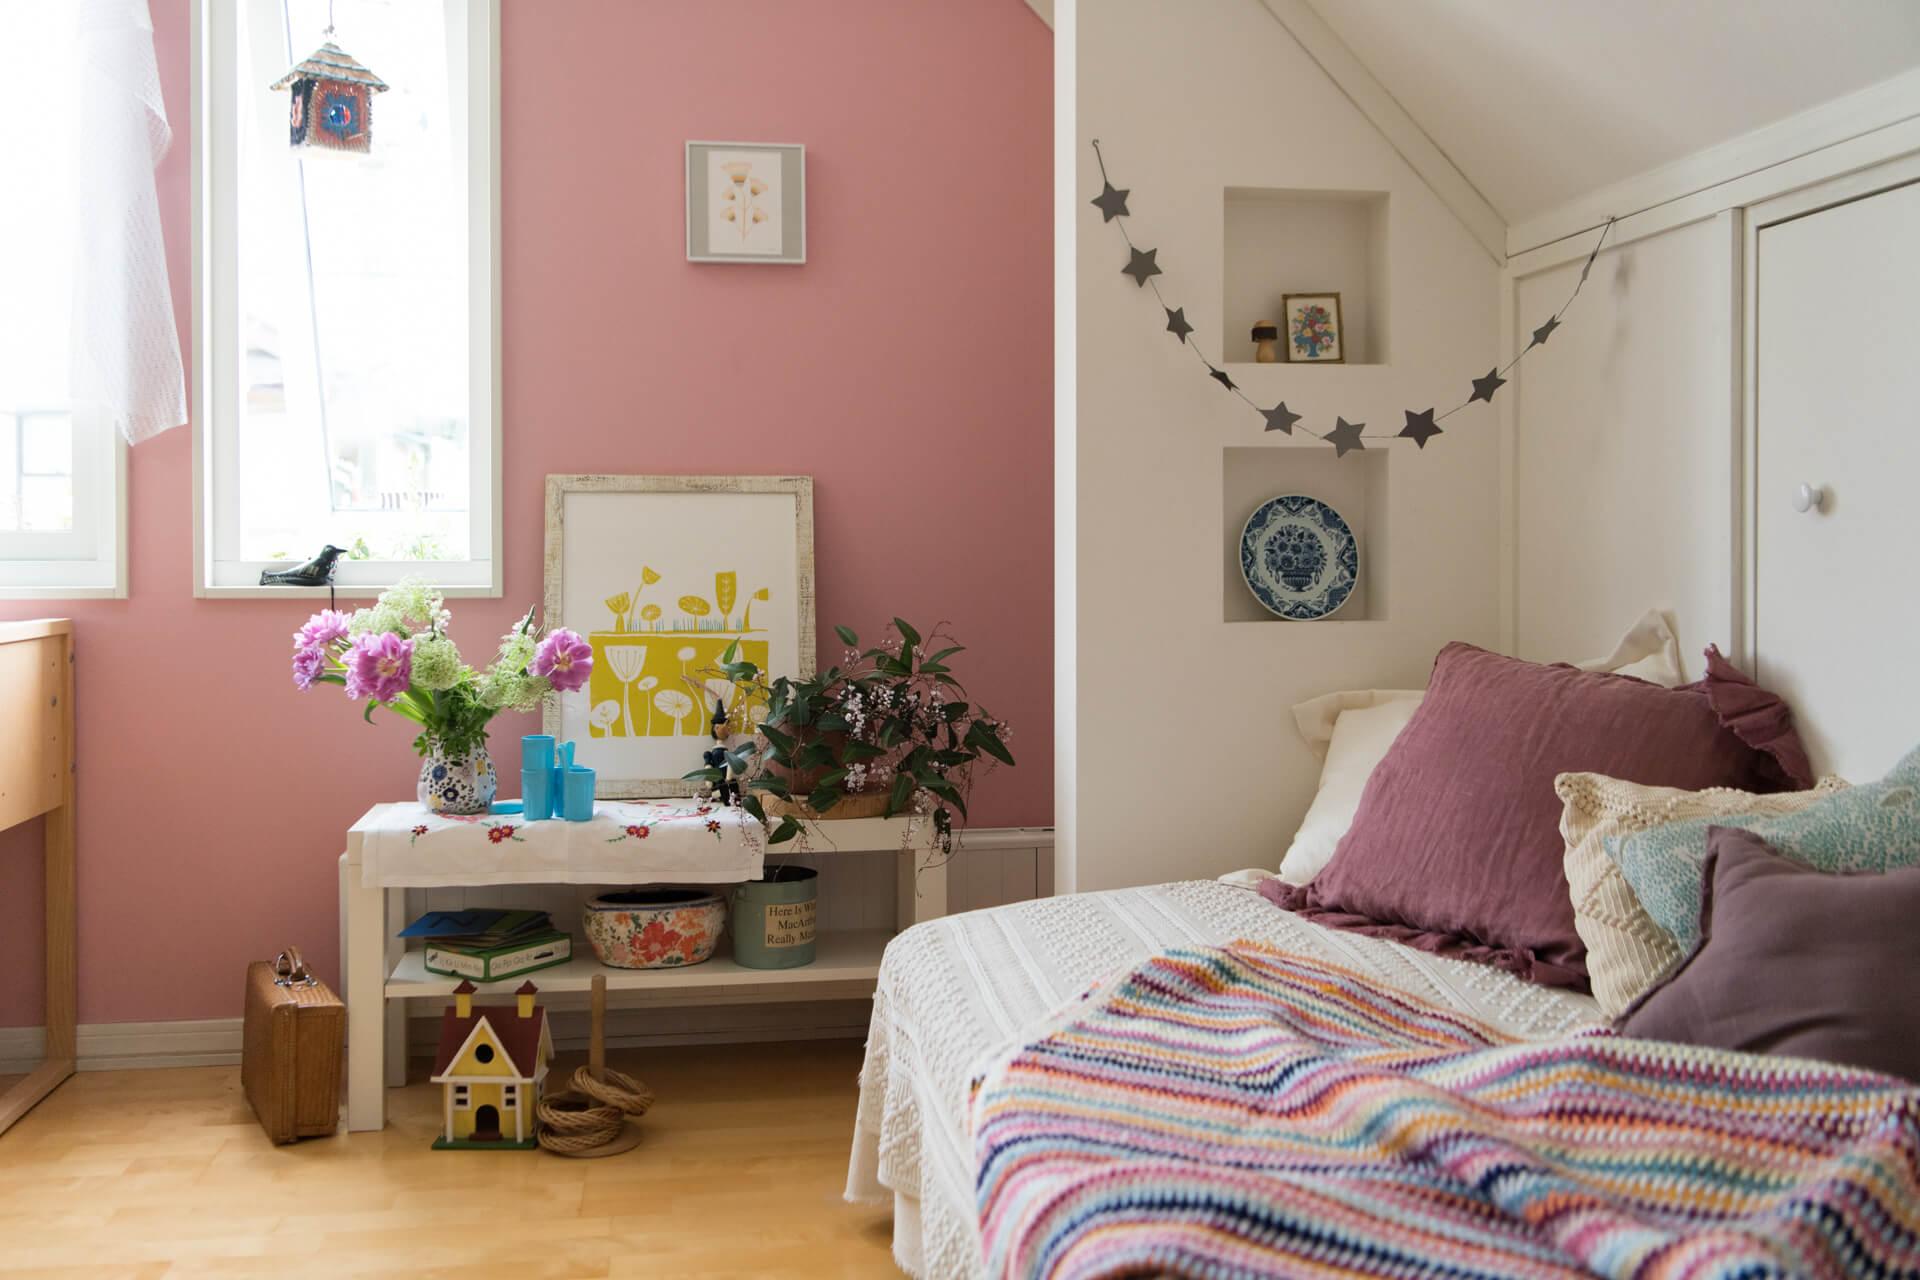 子ども部屋に一足先に春を呼び込む、スウェーデンハウスの「mjuk(ミューク)」